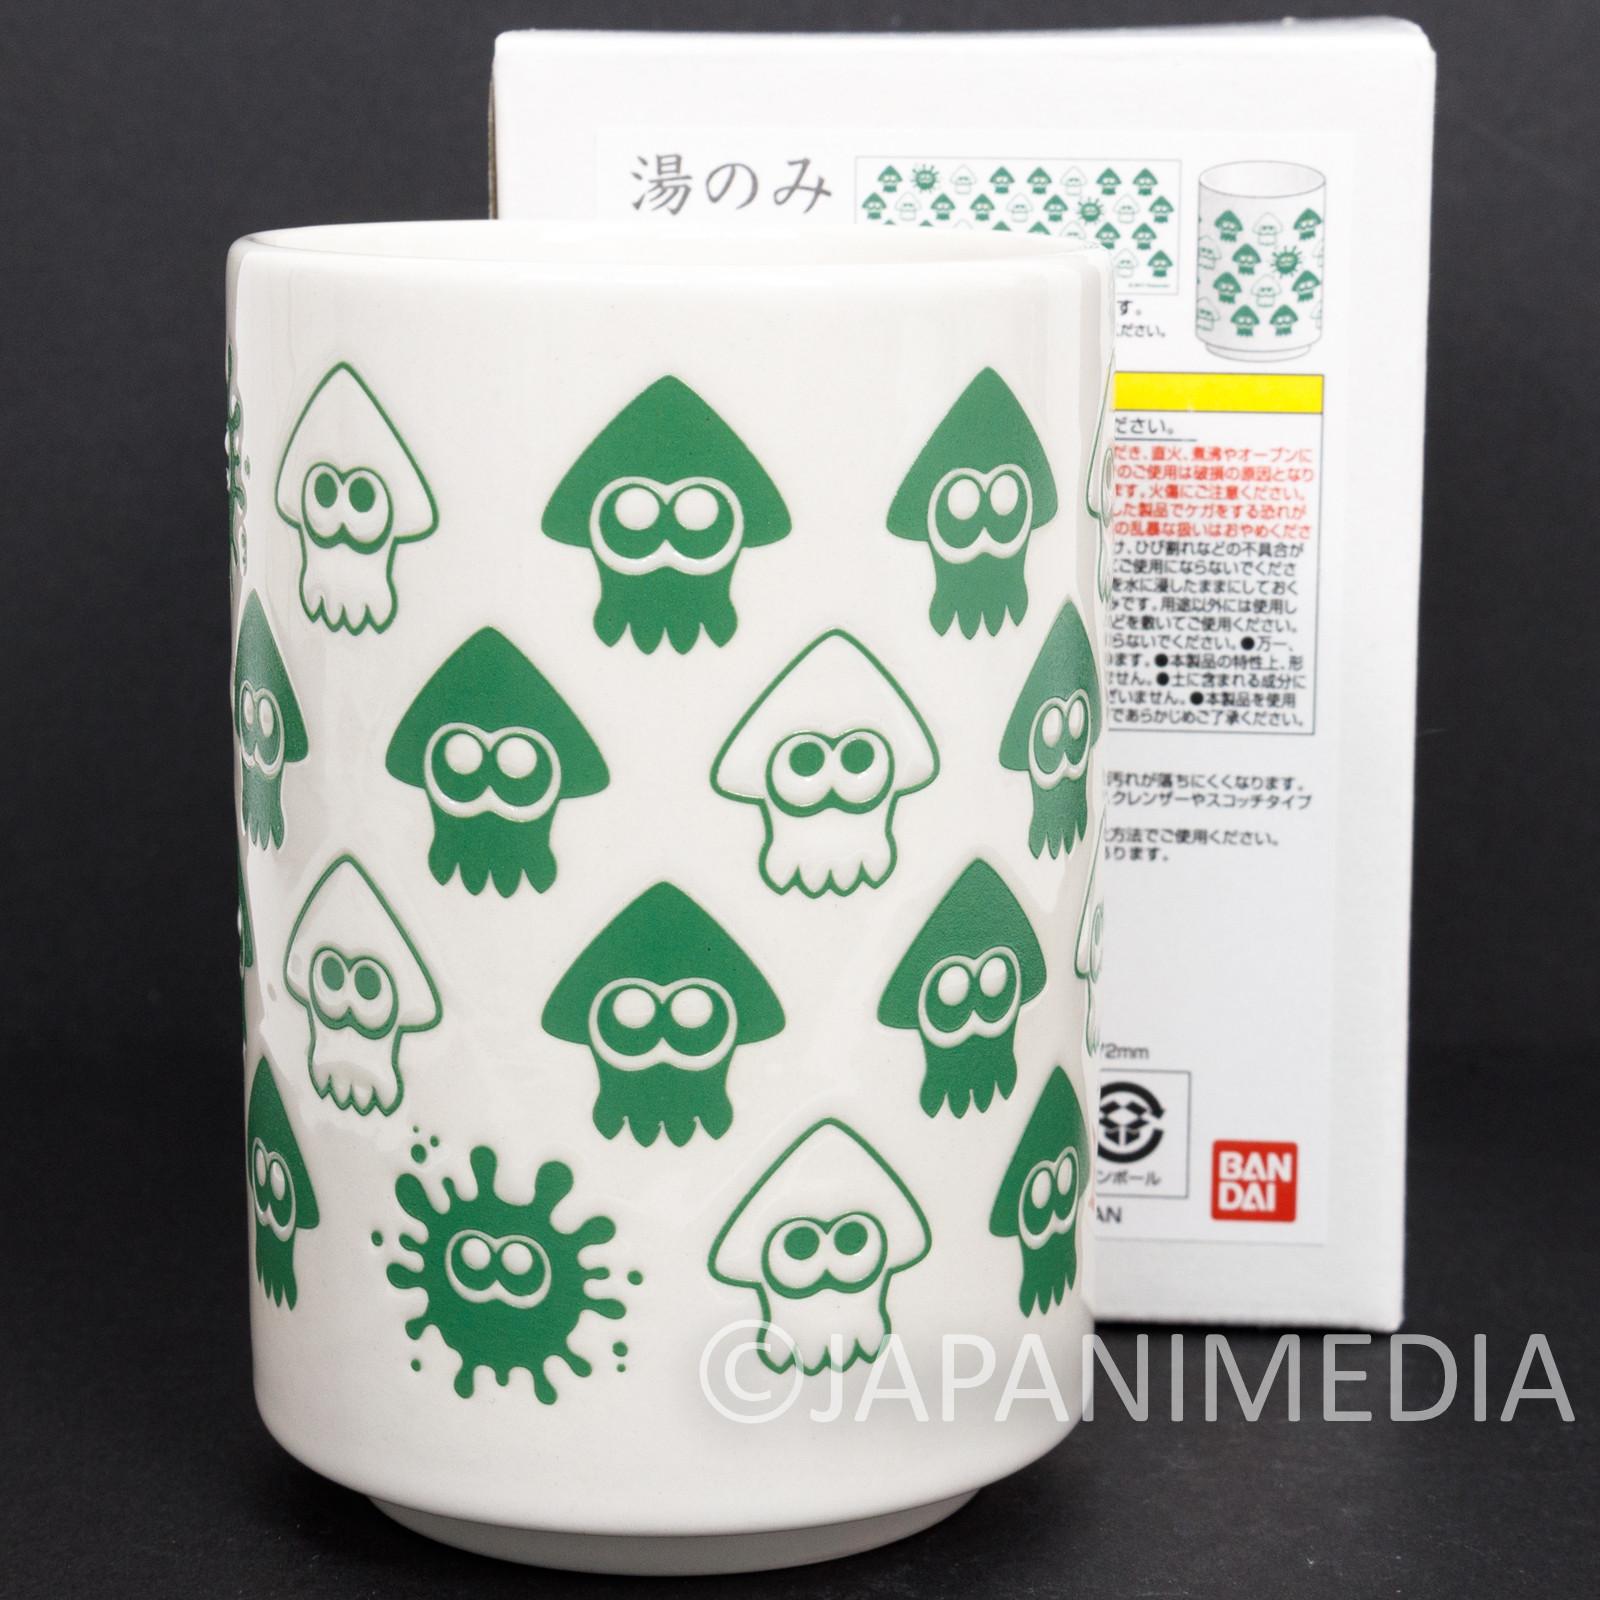 Splatoon Yunomi Japanese Teacup BANDAI JAPAN Nintendo Switch